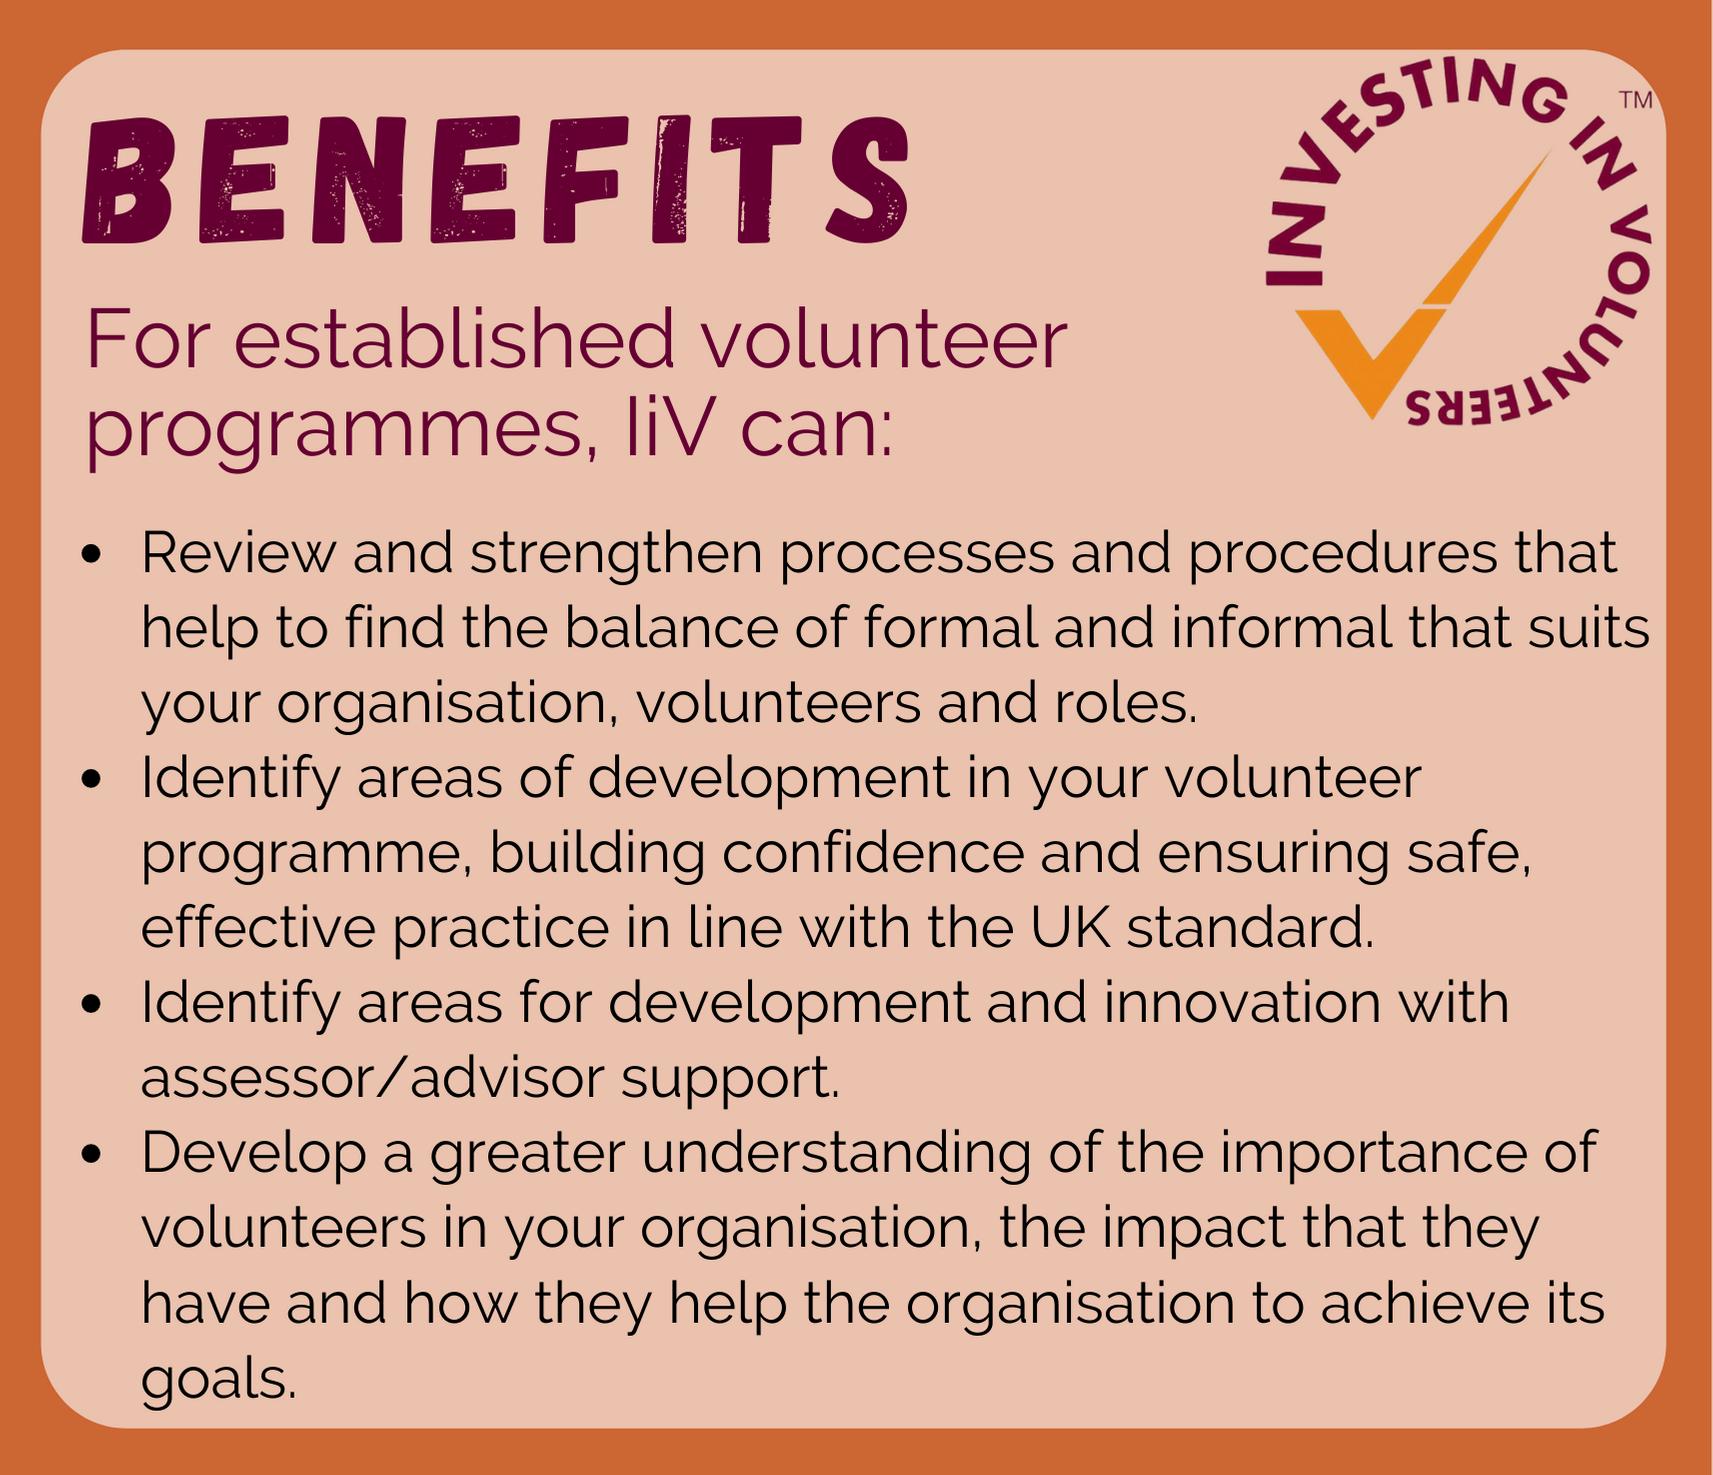 Investing in volunteers benefits